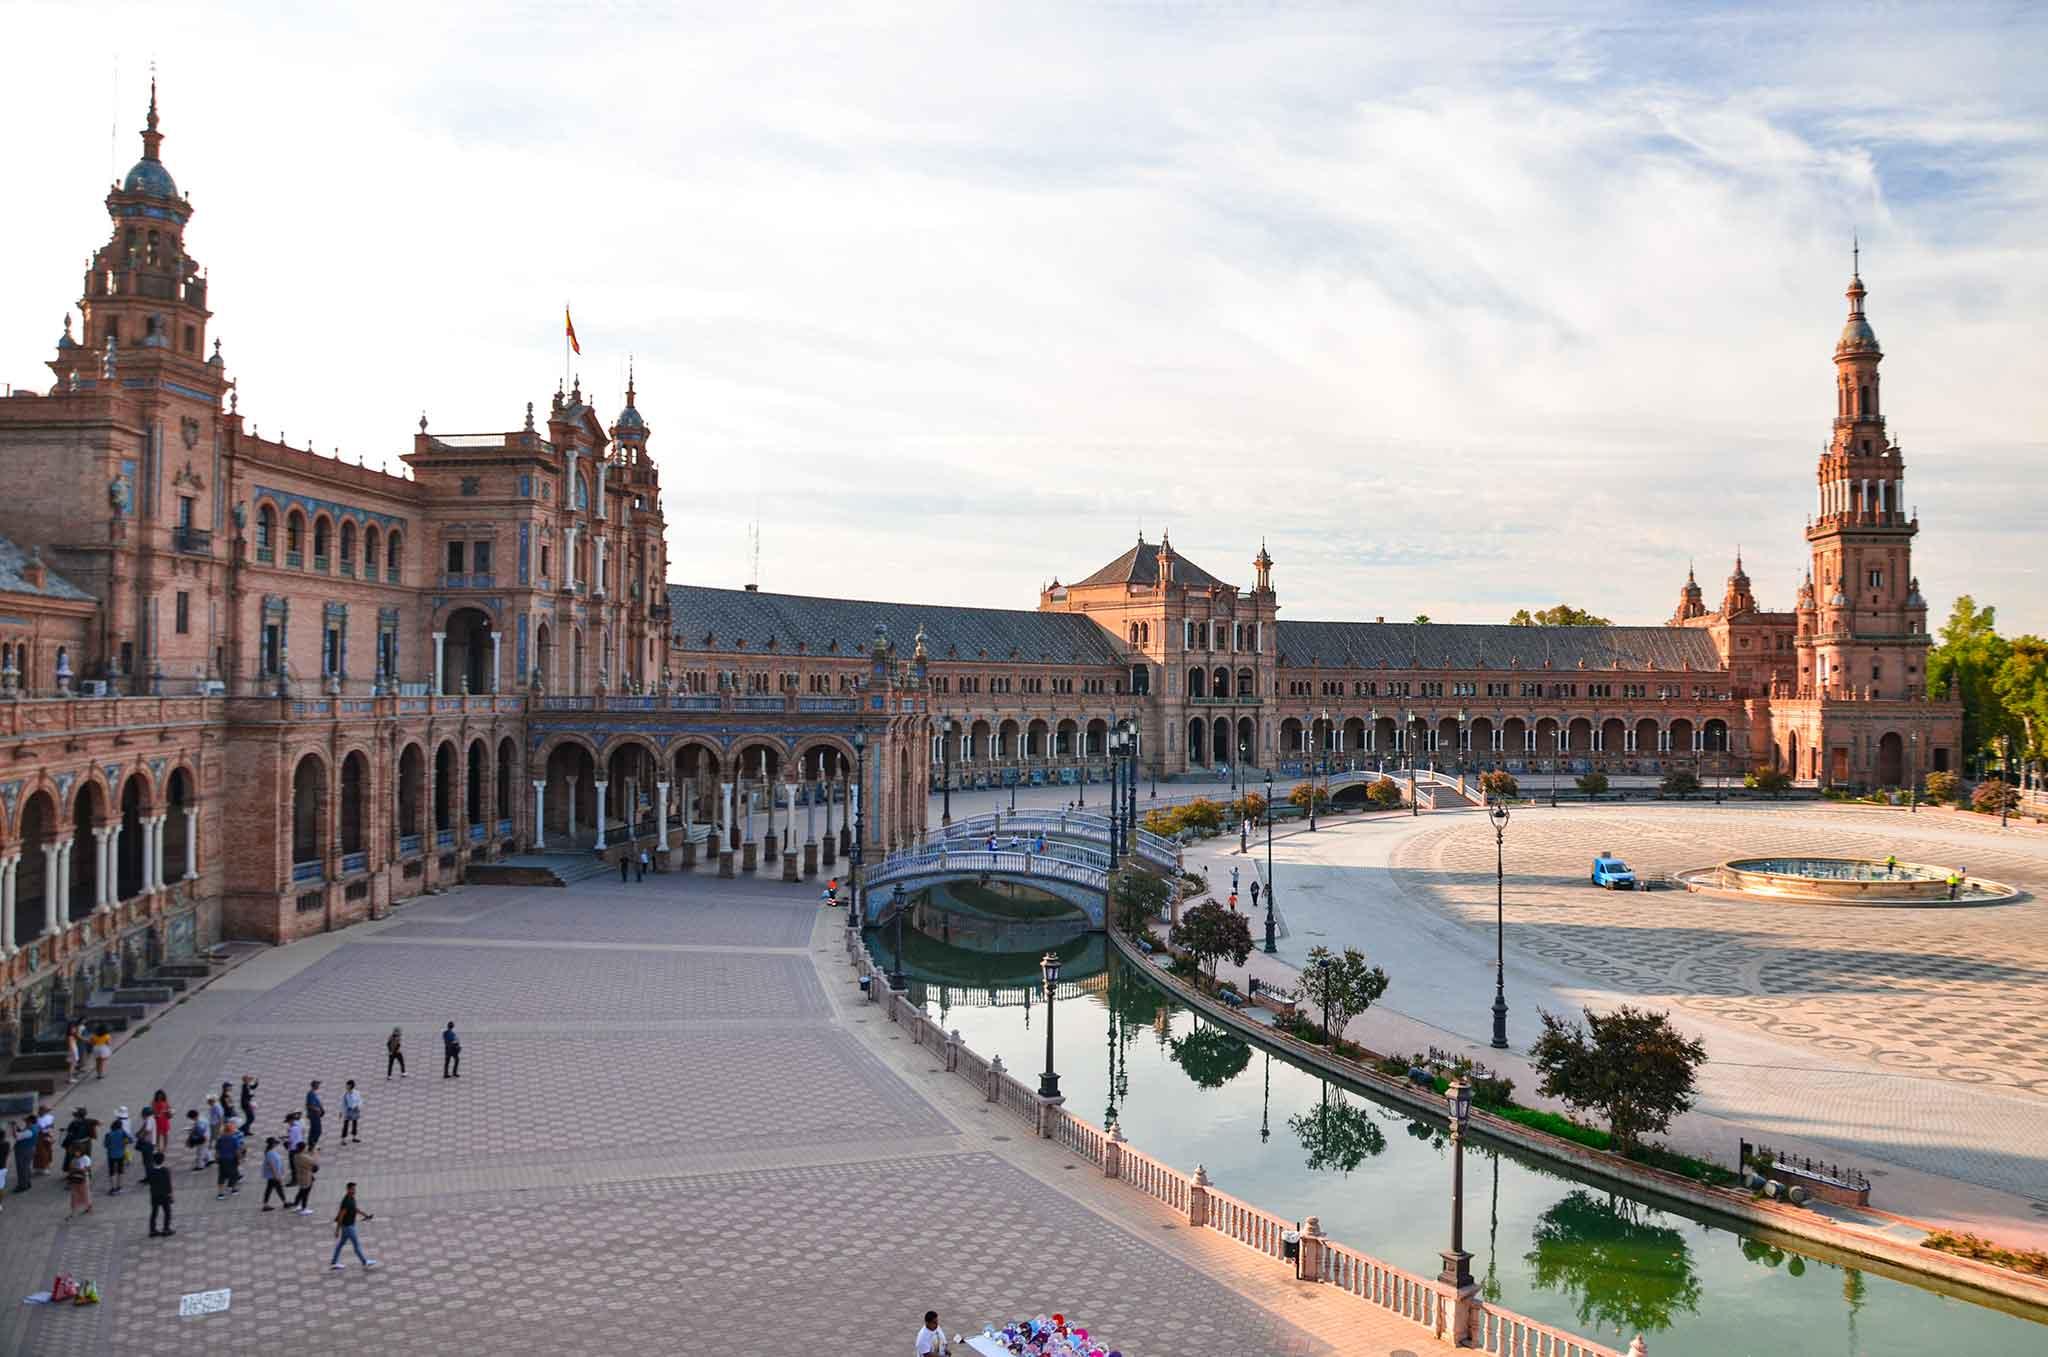 Sevilla kentindeki ünlü İspanya Meydanı.